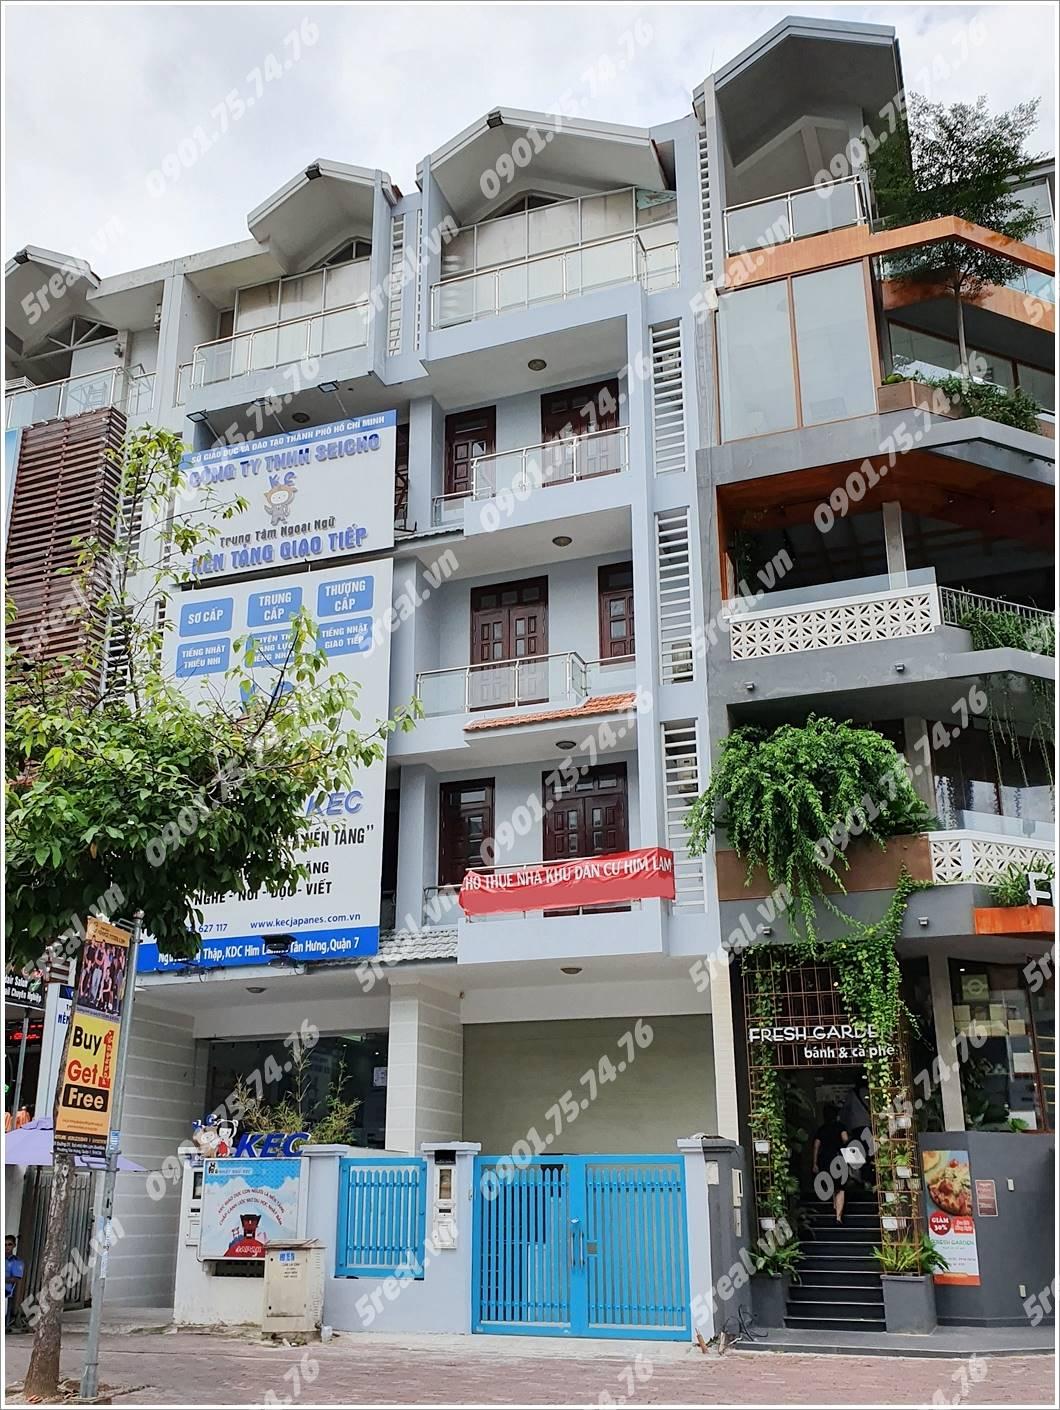 trang-nguyen-building-nguyen-thi-thap-quan-7-van-phong-cho-thue-tphcm-5real.vn-01